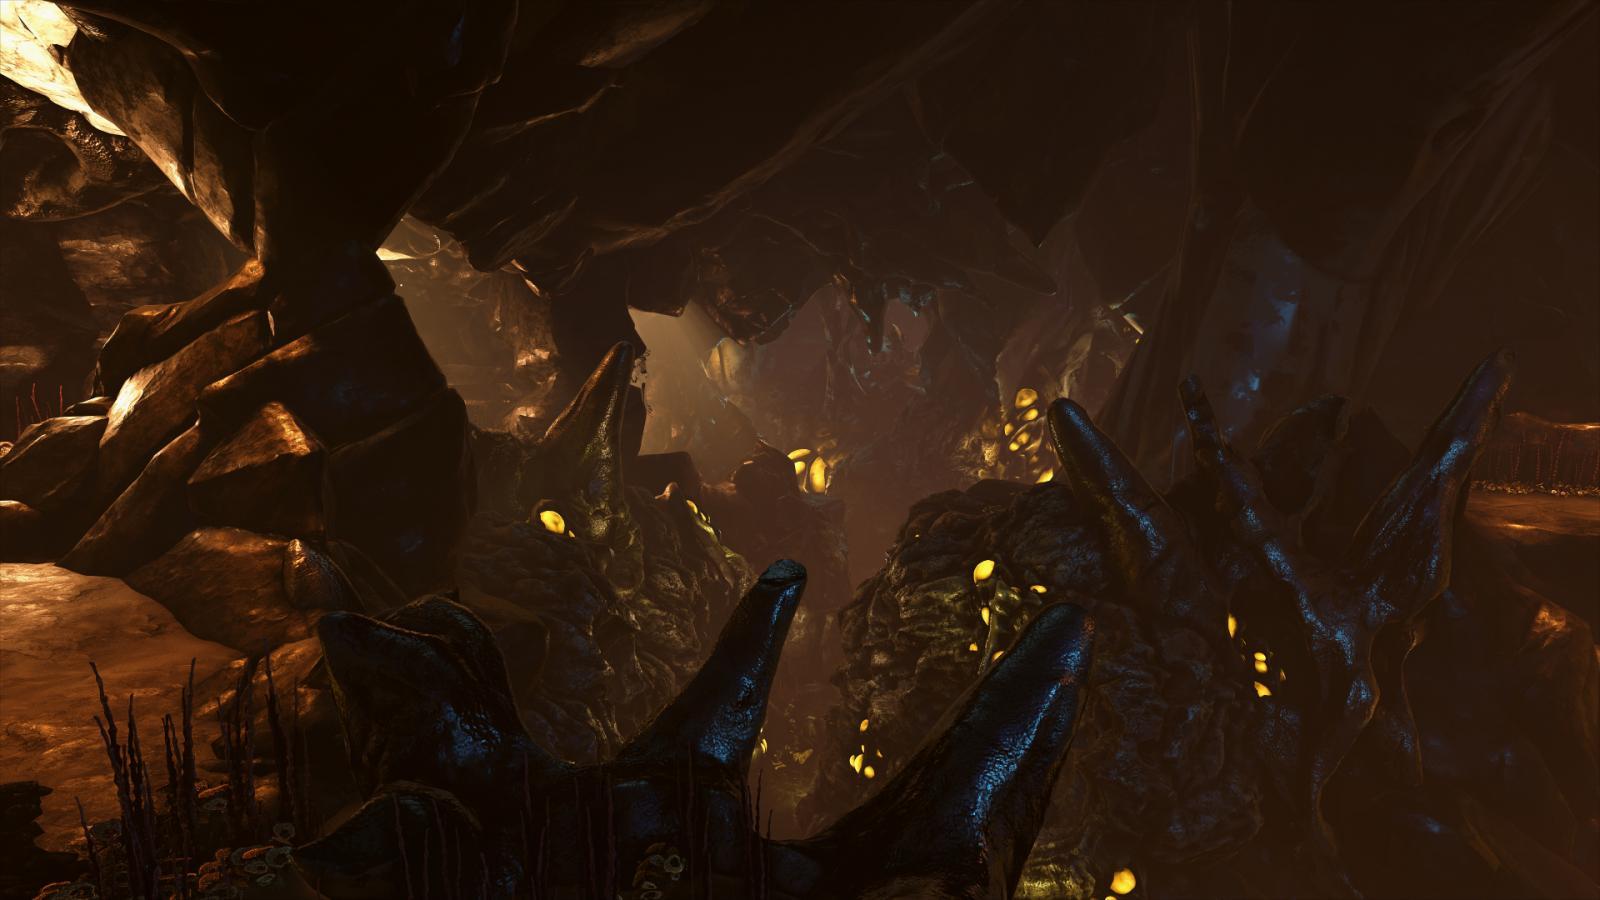 Wolf Angelus - Golden Opportunity - 8x.jpg